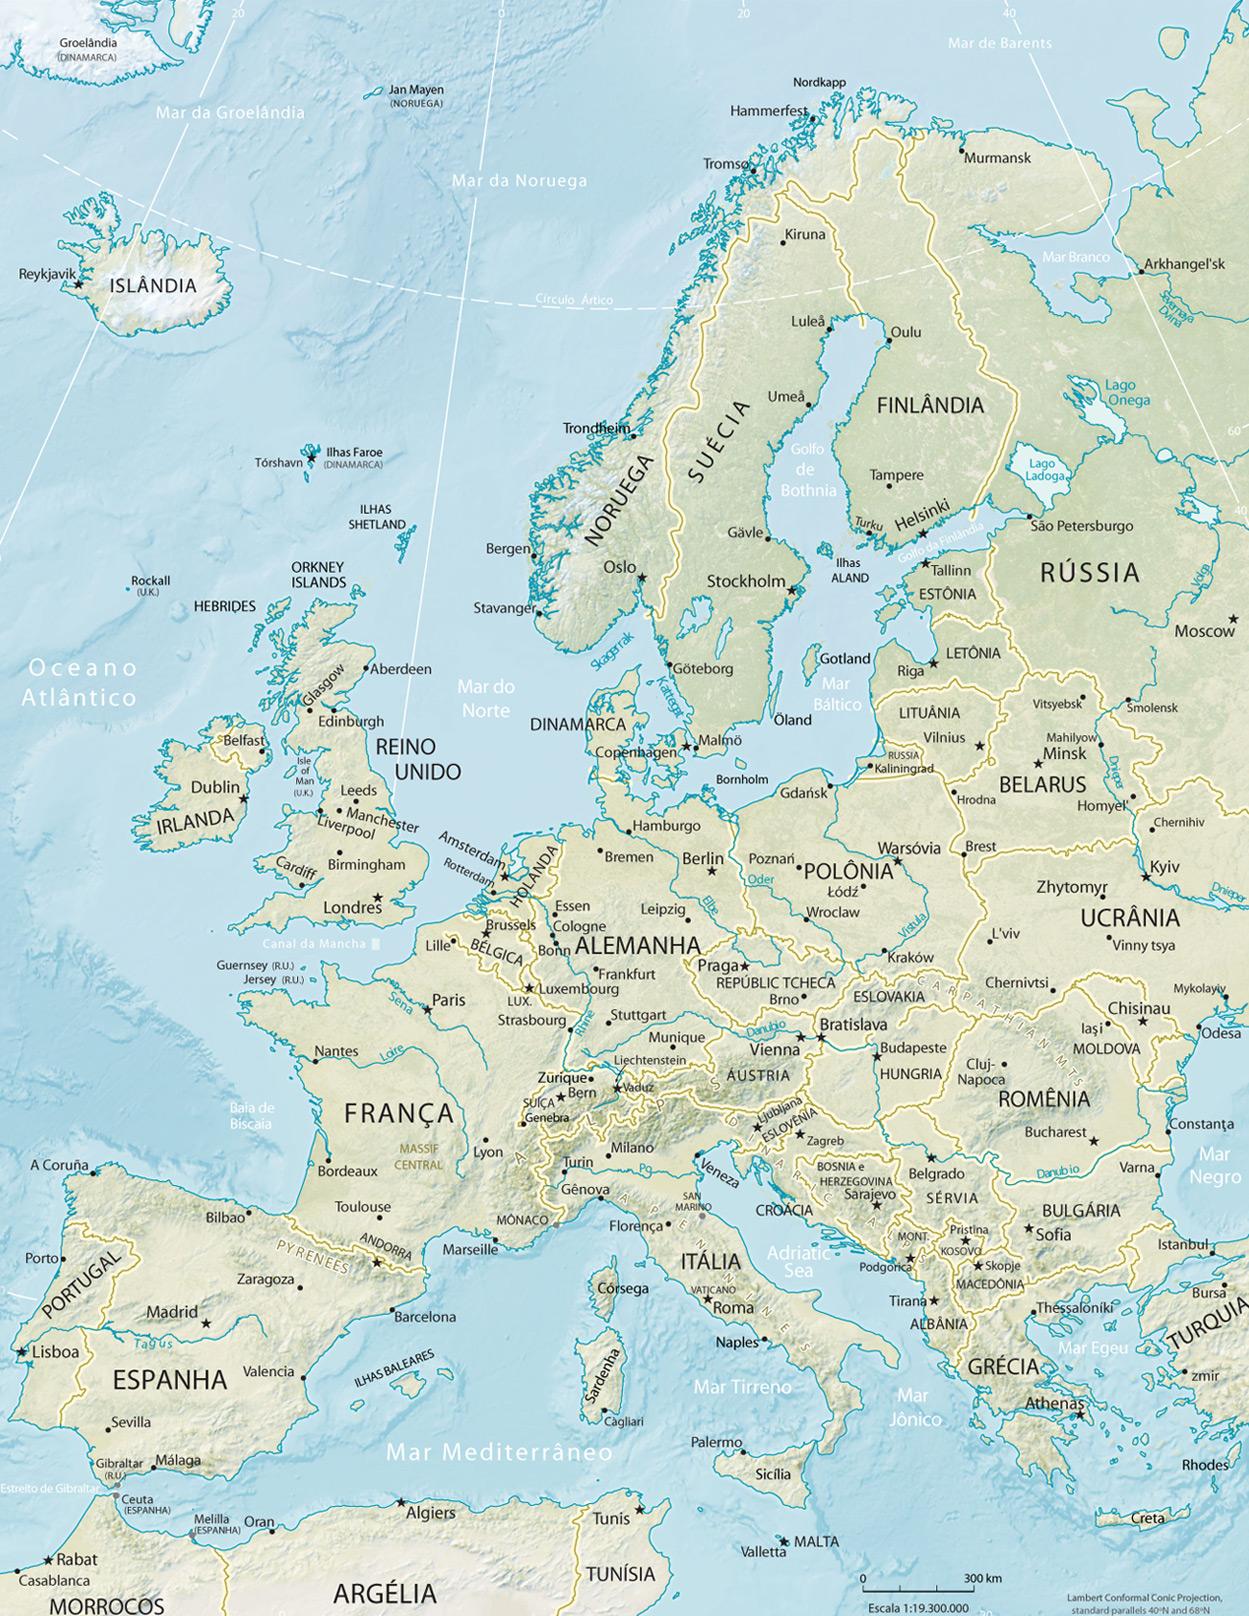 Mapa Fisico Mudo Rios De Europa Para Imprimir.Mapa Da Fisico Da Europa